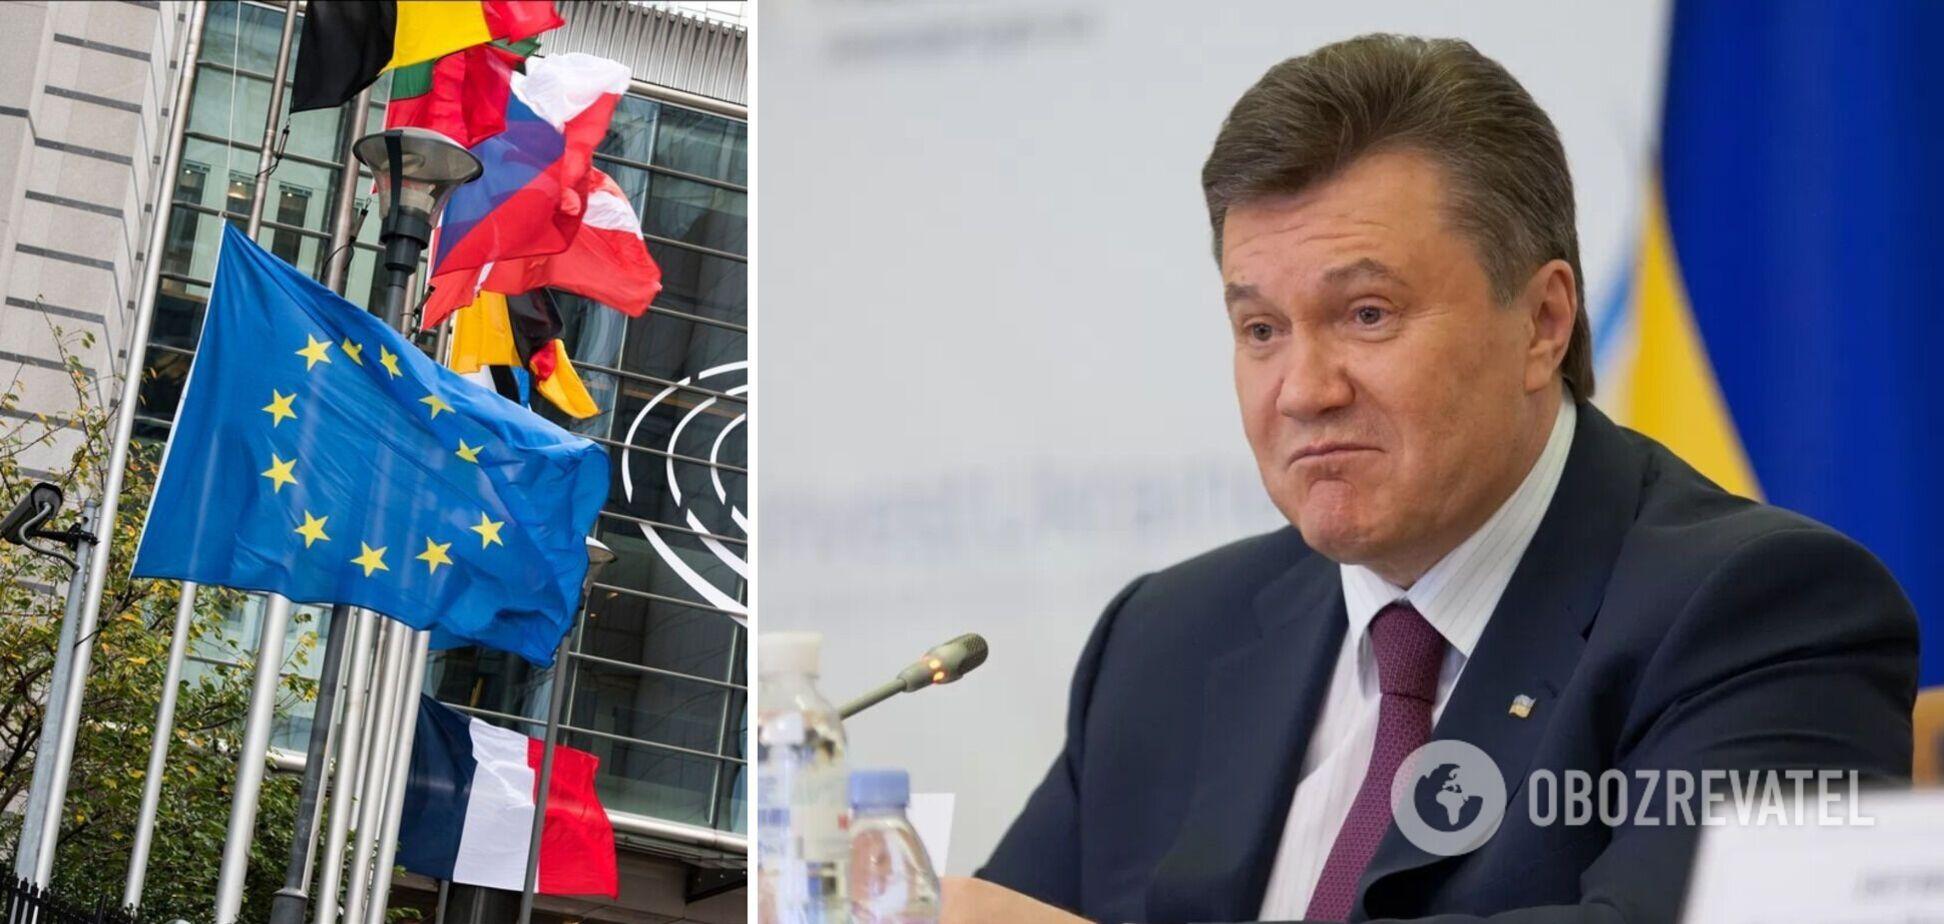 ЄС оприлюднив санкції проти Януковича та його оточення: з'явився повний список імен